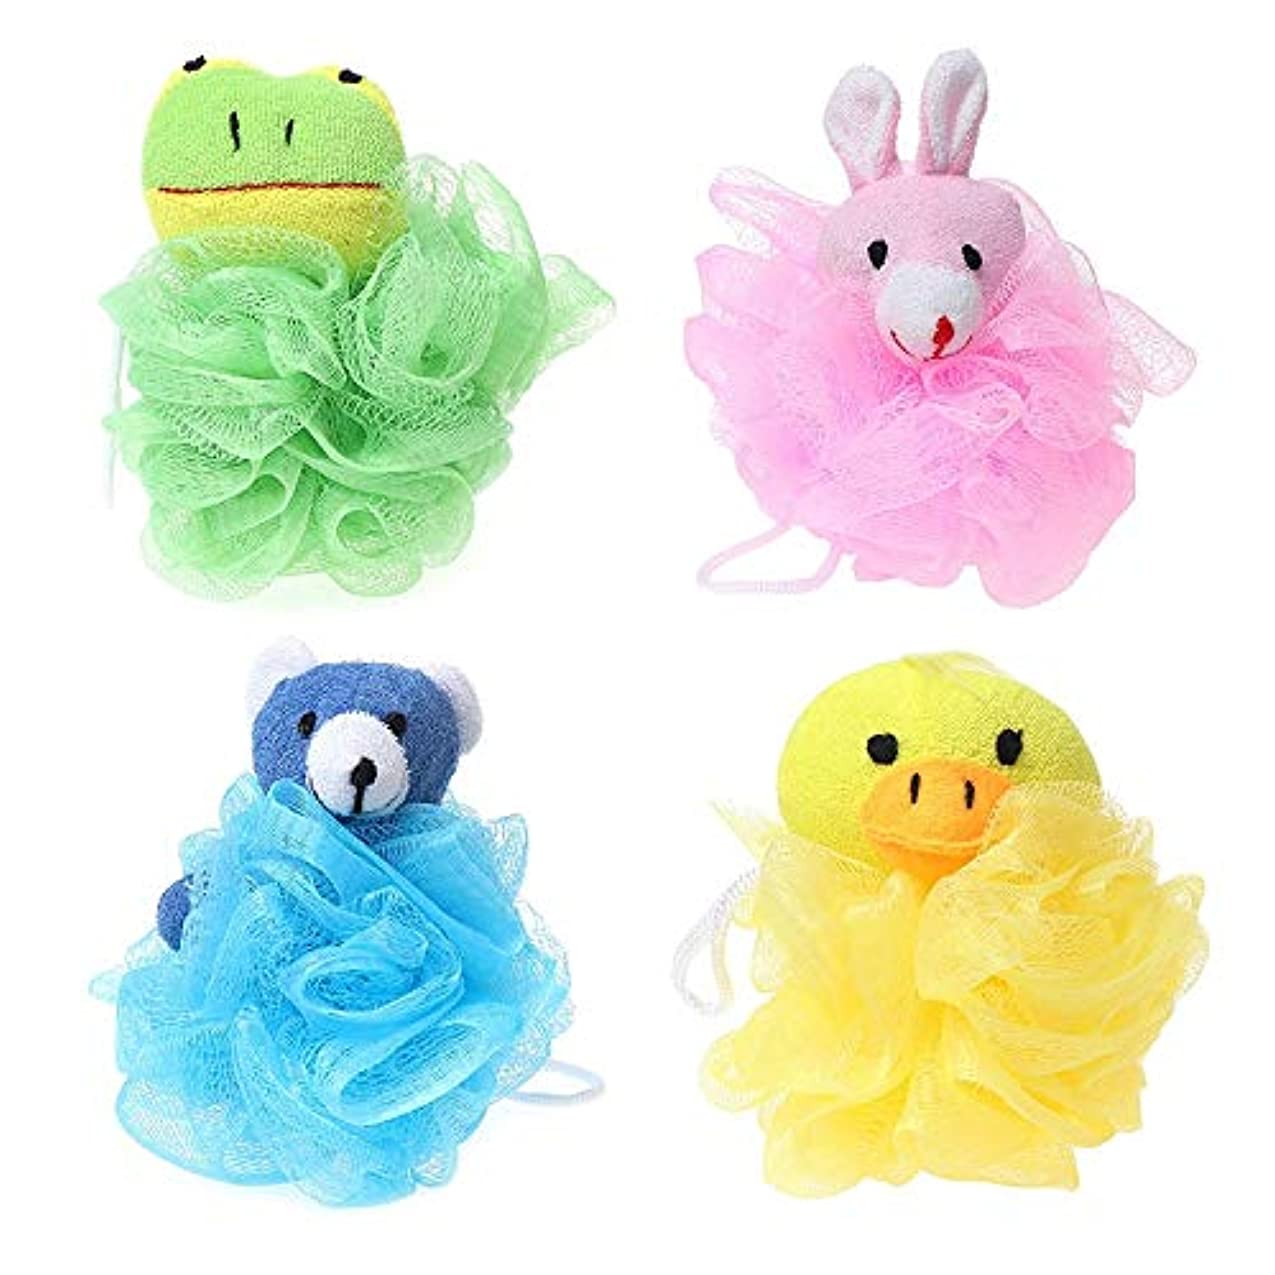 人形ブラジャー挨拶TOOGOO 子供用おもちゃクッションパフメッシュぬいぐるみ付き(4パック)カエル、アヒル、ウサギ、クマ